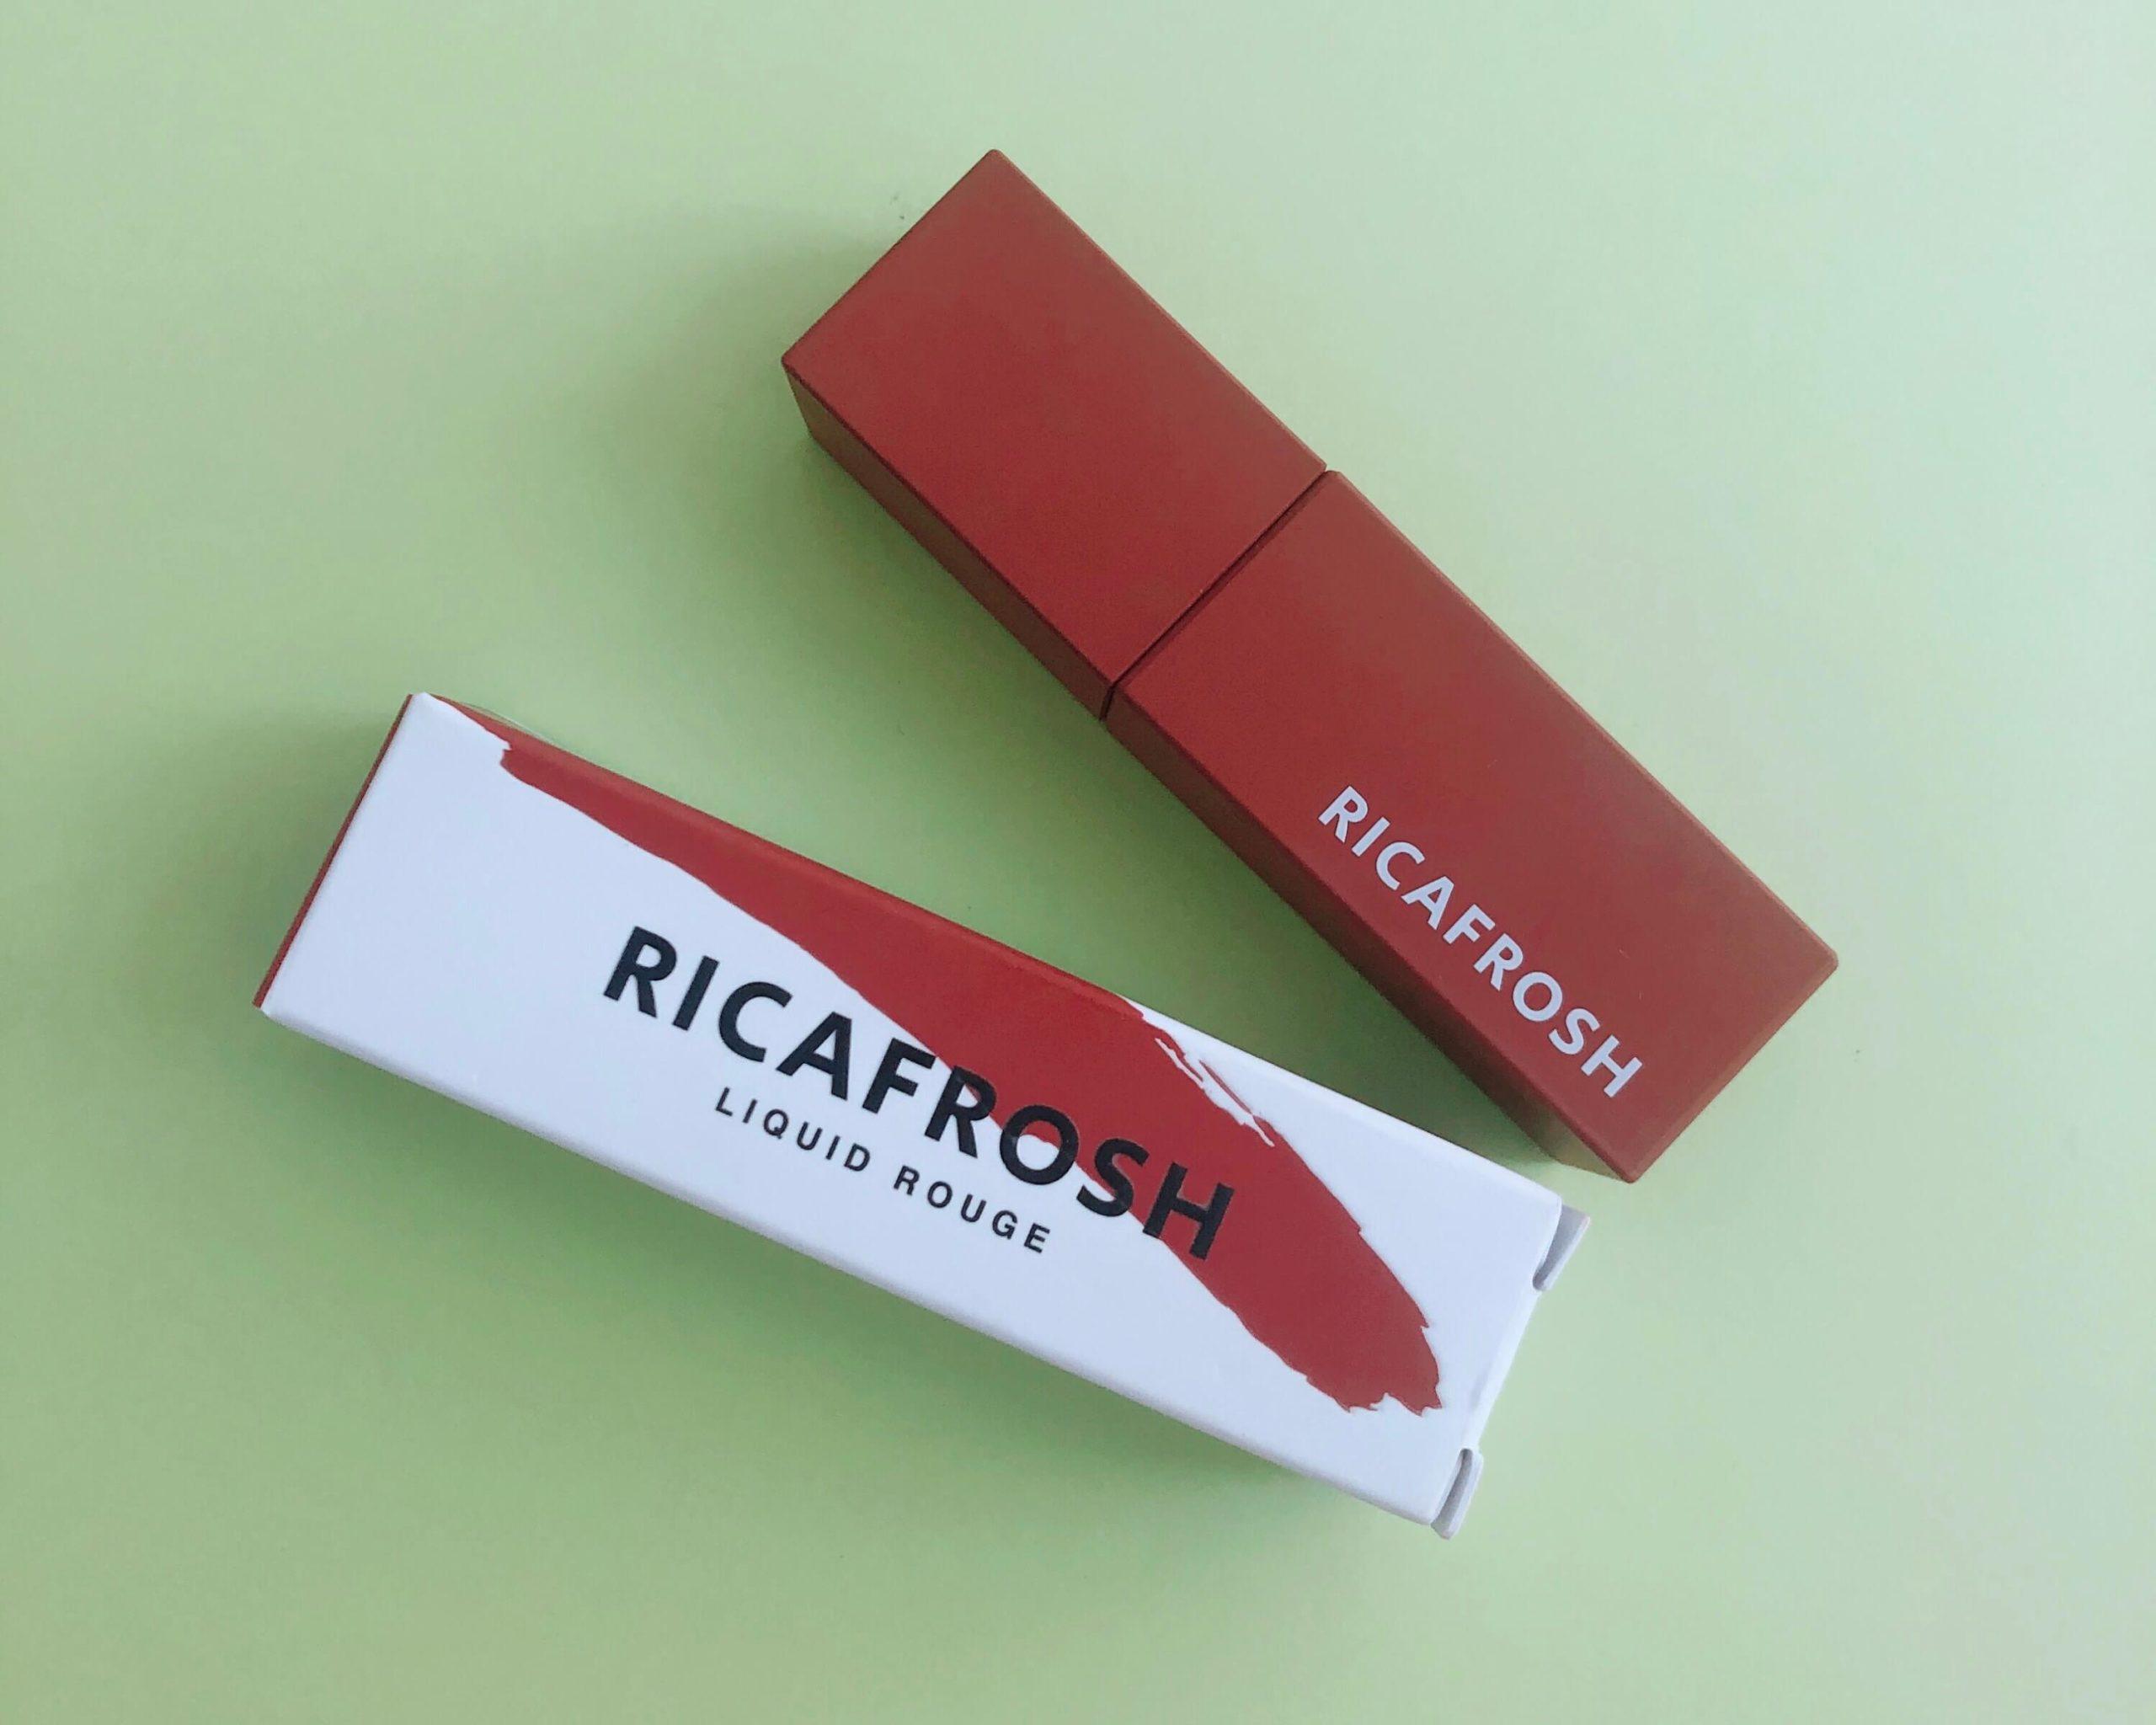 【落ちないリップ】リカフロッシュの06ルーブラウンはブルベにも似合う絶妙カラー♡